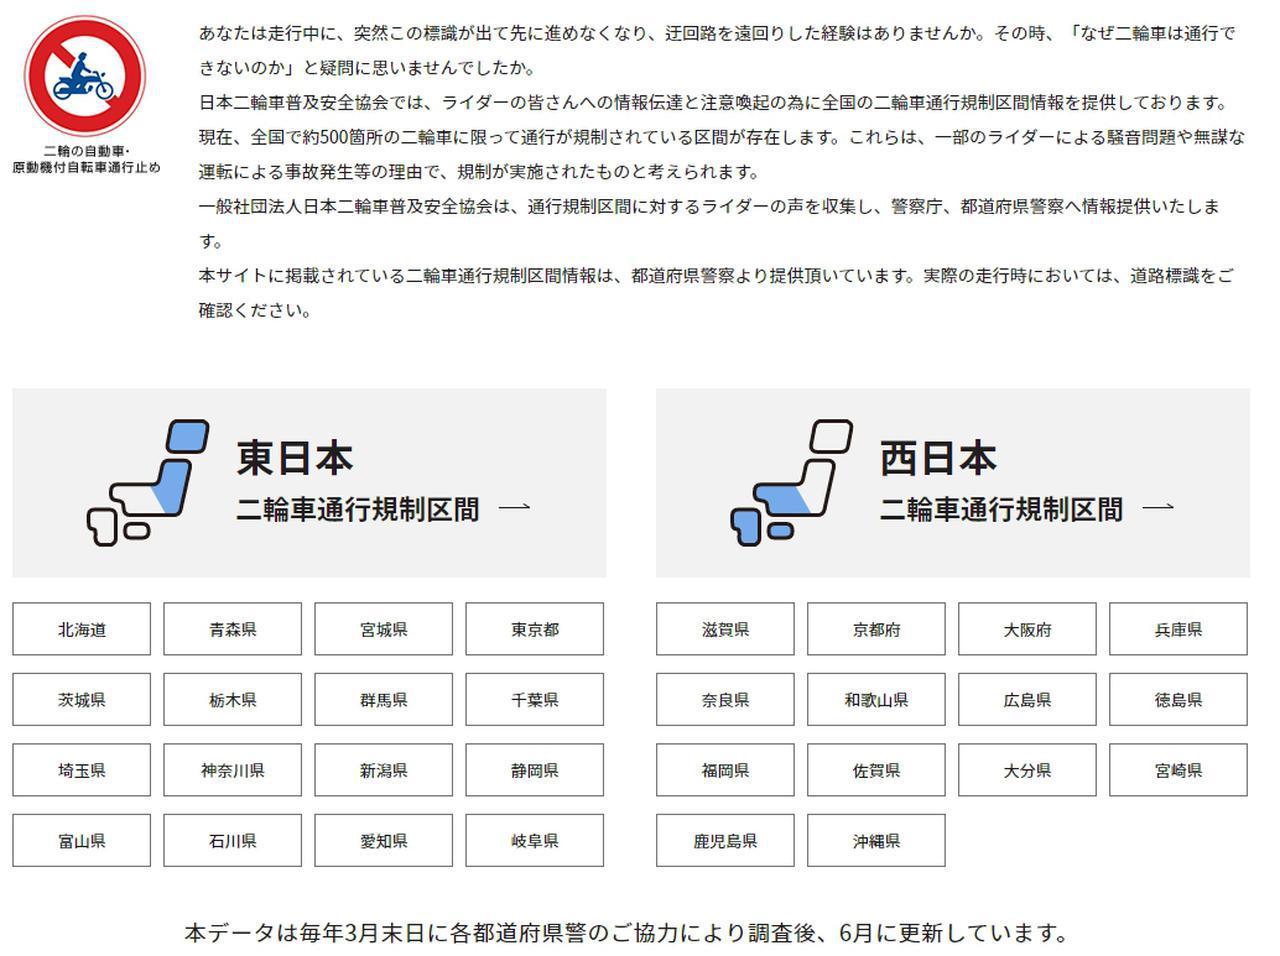 画像1: www.jmpsa.or.jp